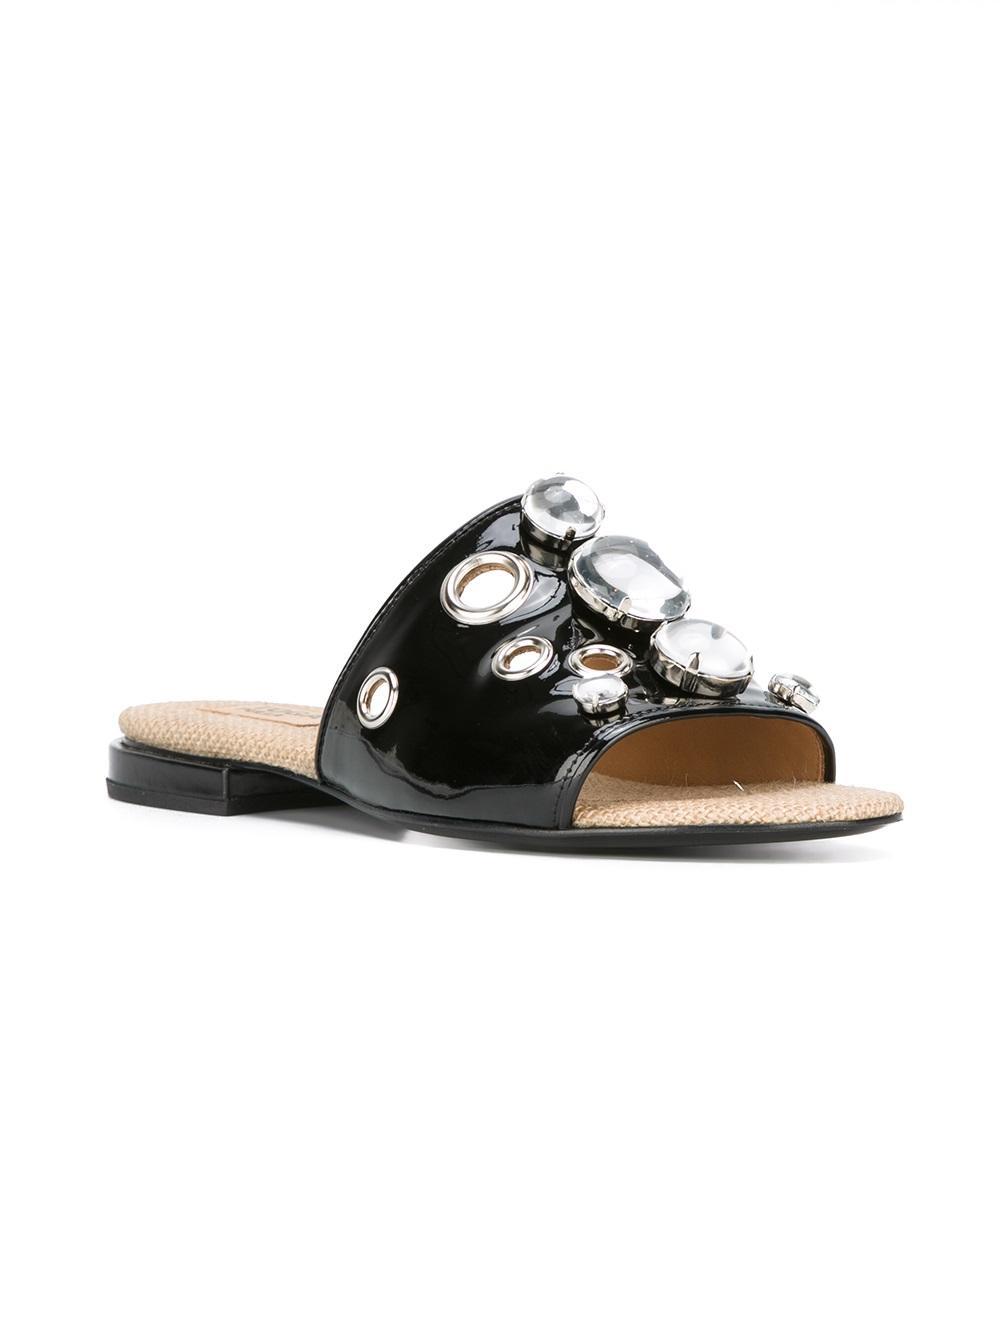 TOGA PULLA embellished flat sandals